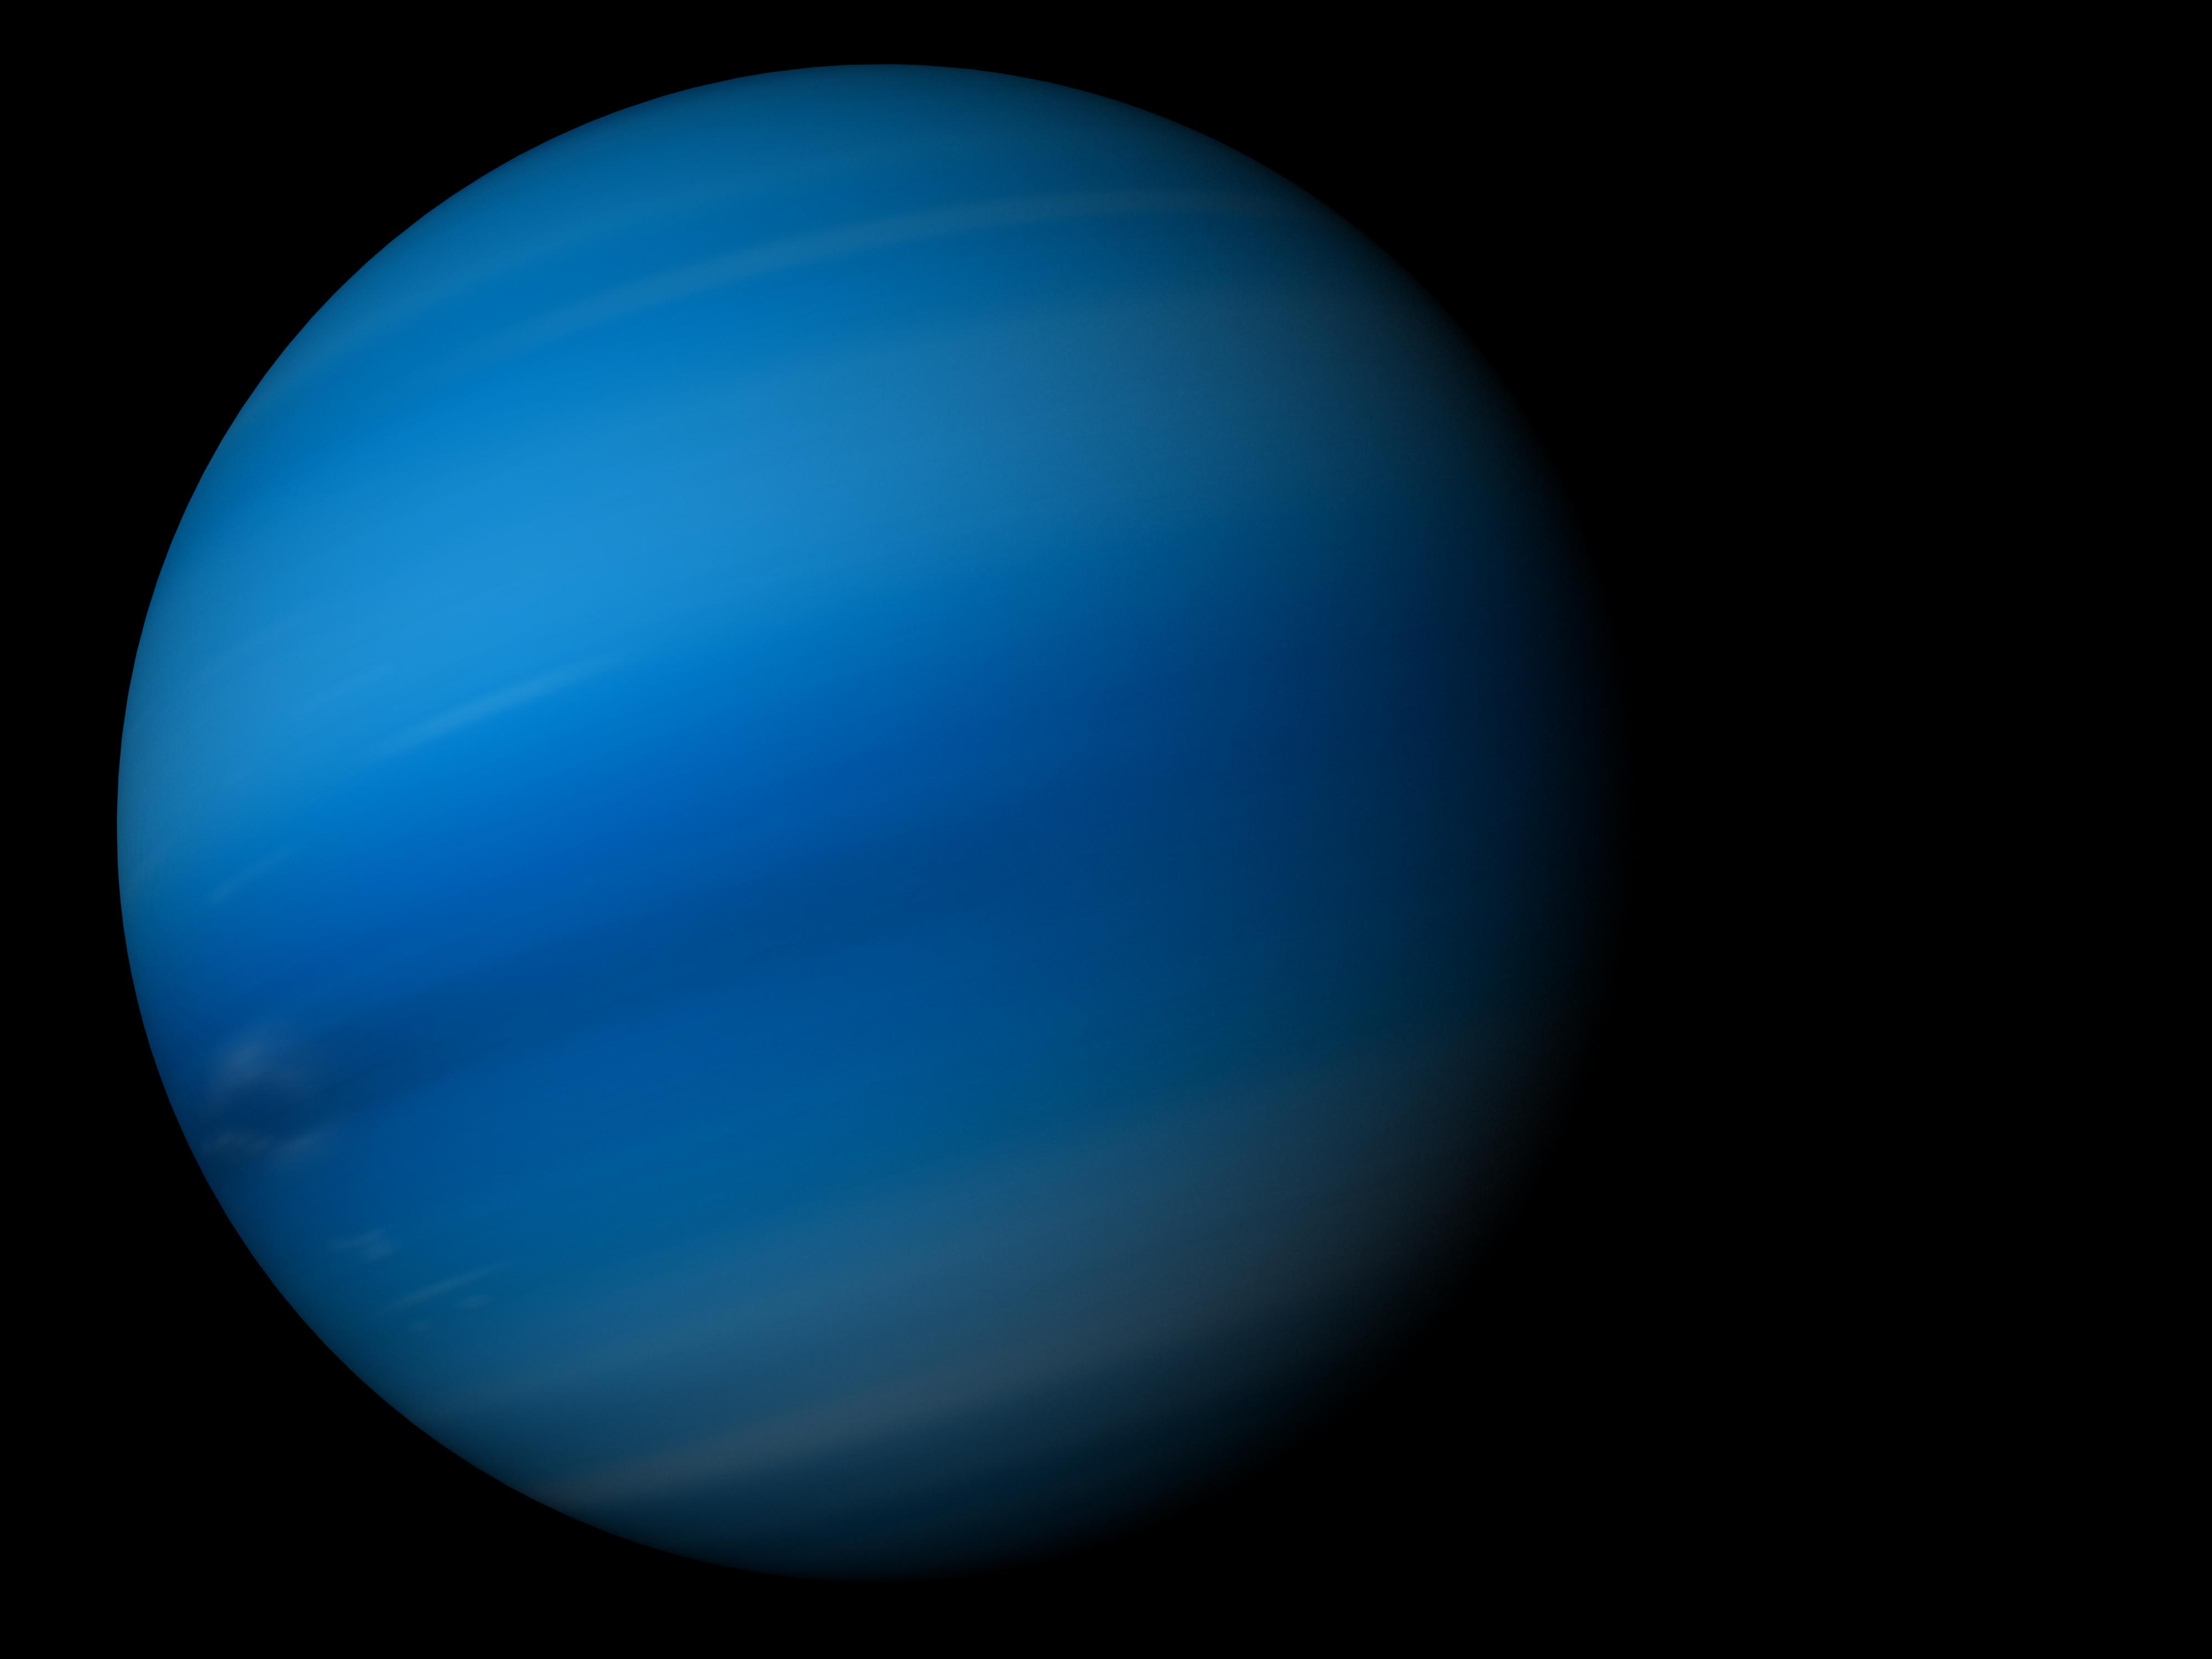 Planet neptune wallpaper